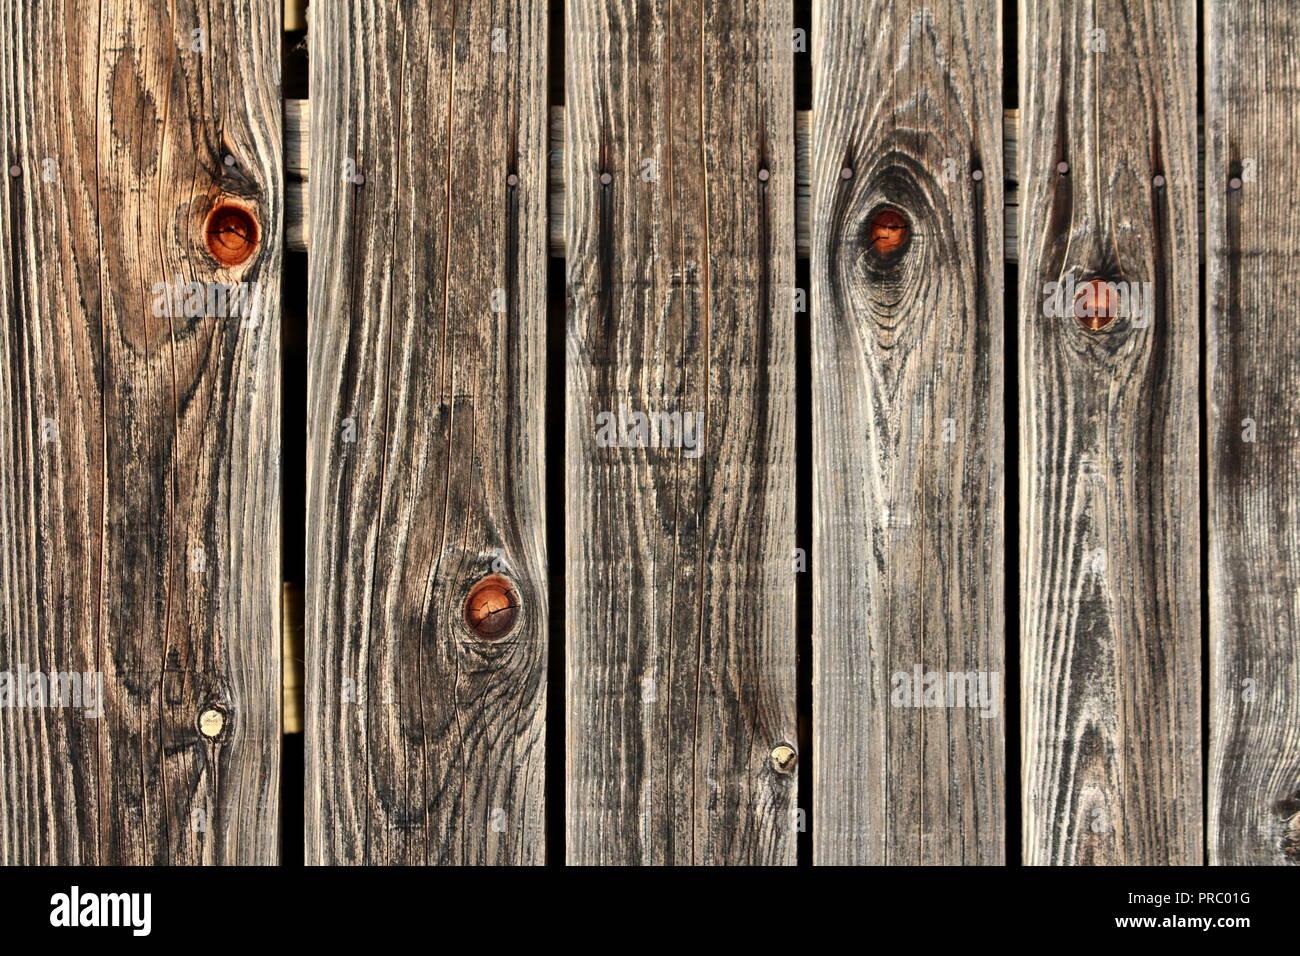 Tavole In Legno Sbiadito Sfondo Texture Utilizzato Come Granaio In Legno Parete Con Diverse Dimensioni Di Assi Di Legno Inchiodati Con Chiodi Arrugginiti Sulla Calda Giornata Di Sole Foto Stock Alamy